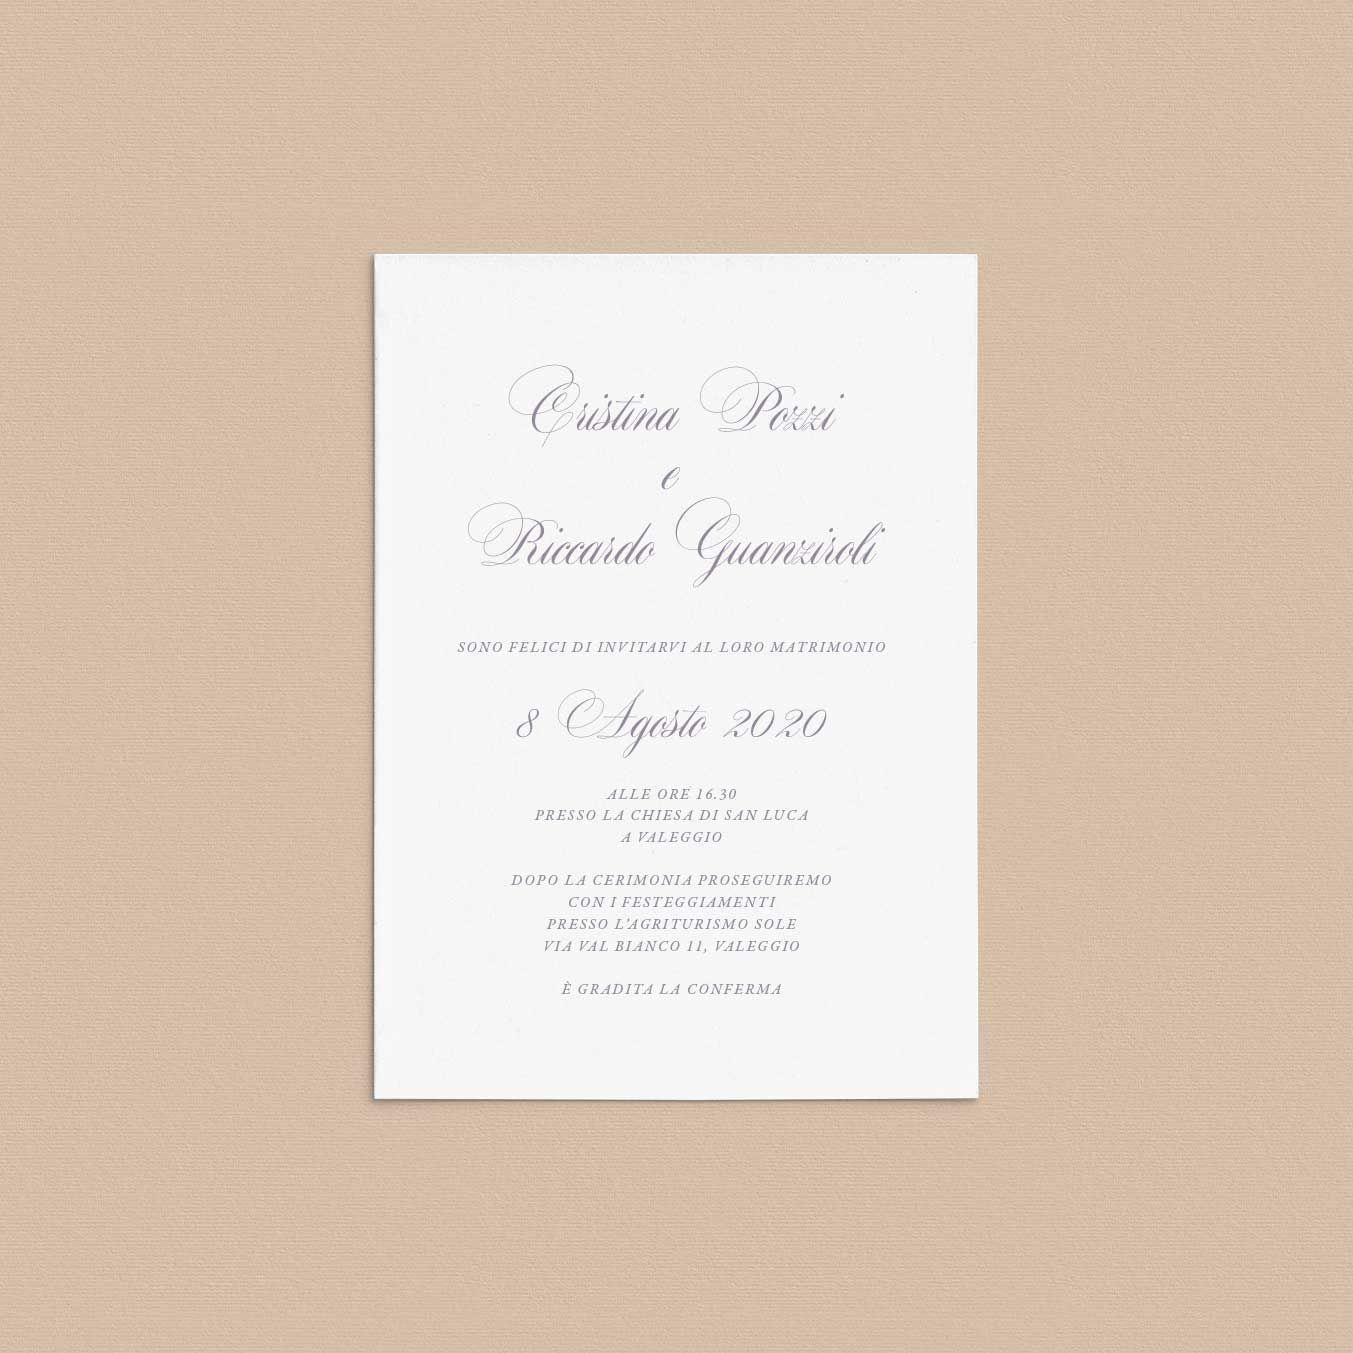 Partecipazioni Matrimonio Milano.Inviti Di Matrimonio Wedding Invitations Catalogo Online